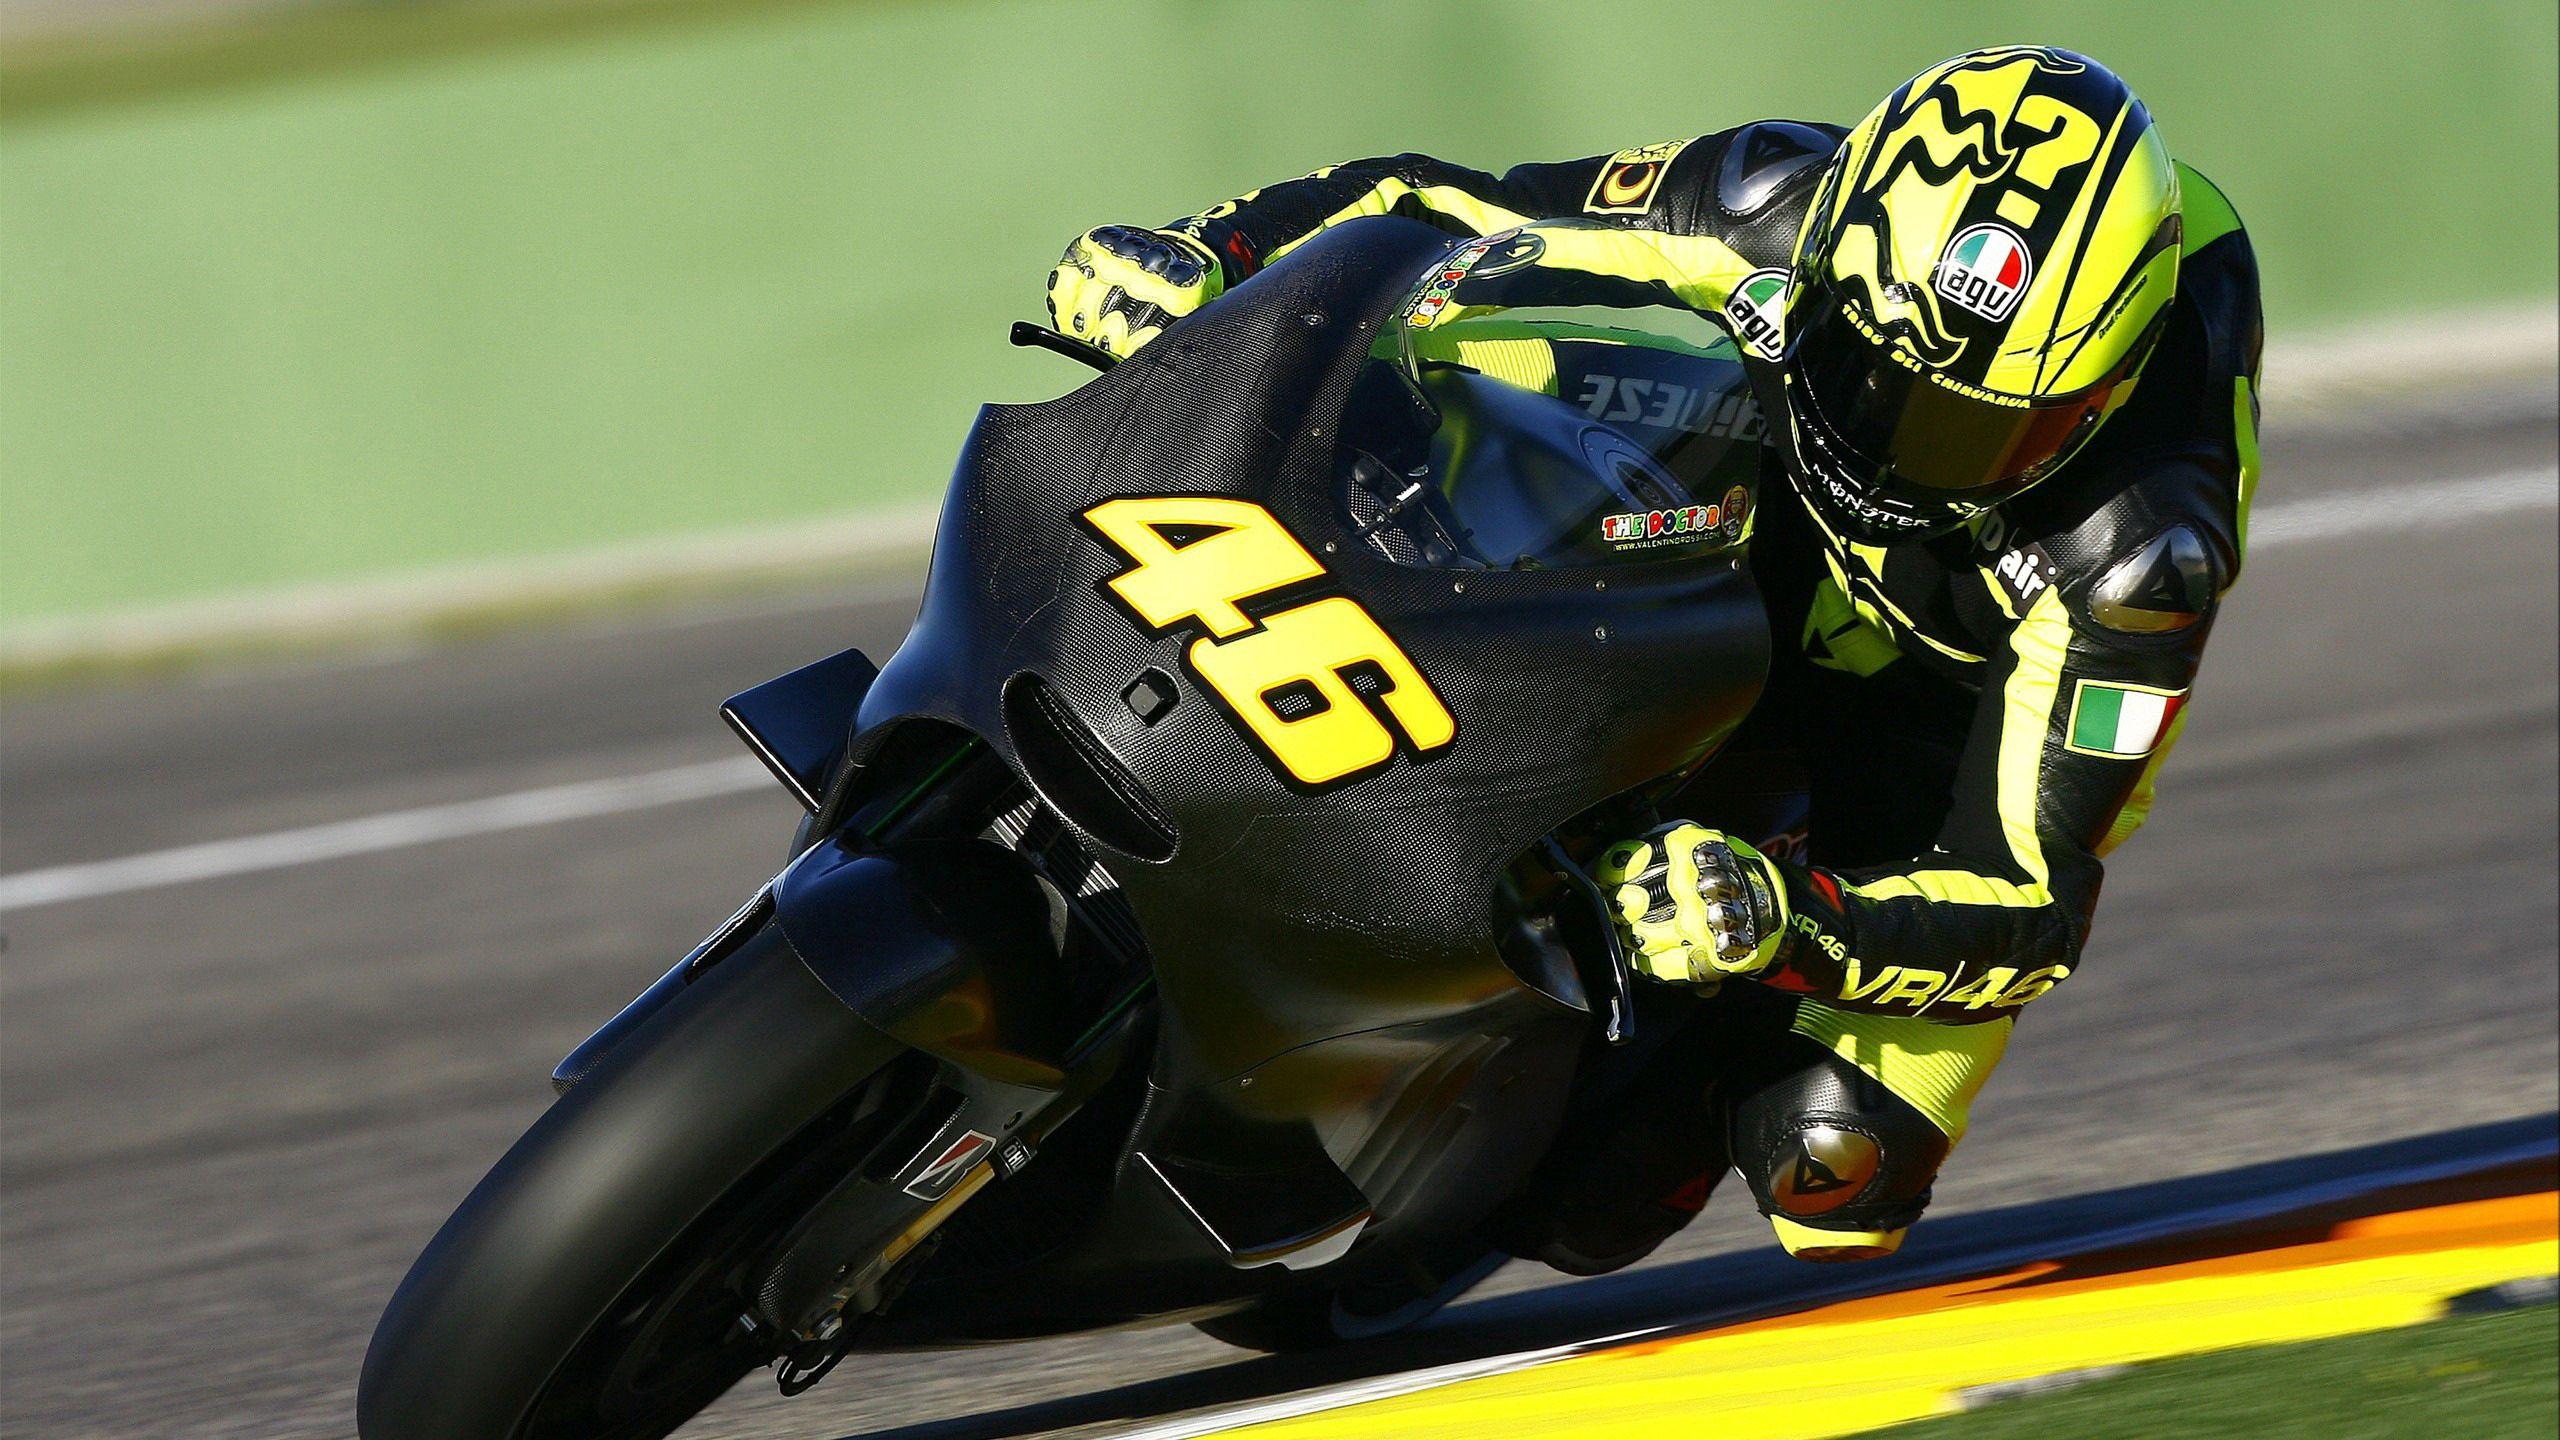 58829 скачать обои Мотоциклы, Мотоциклист, Мотоцикл, Motogp, Valentino Rossi, 2014 - заставки и картинки бесплатно